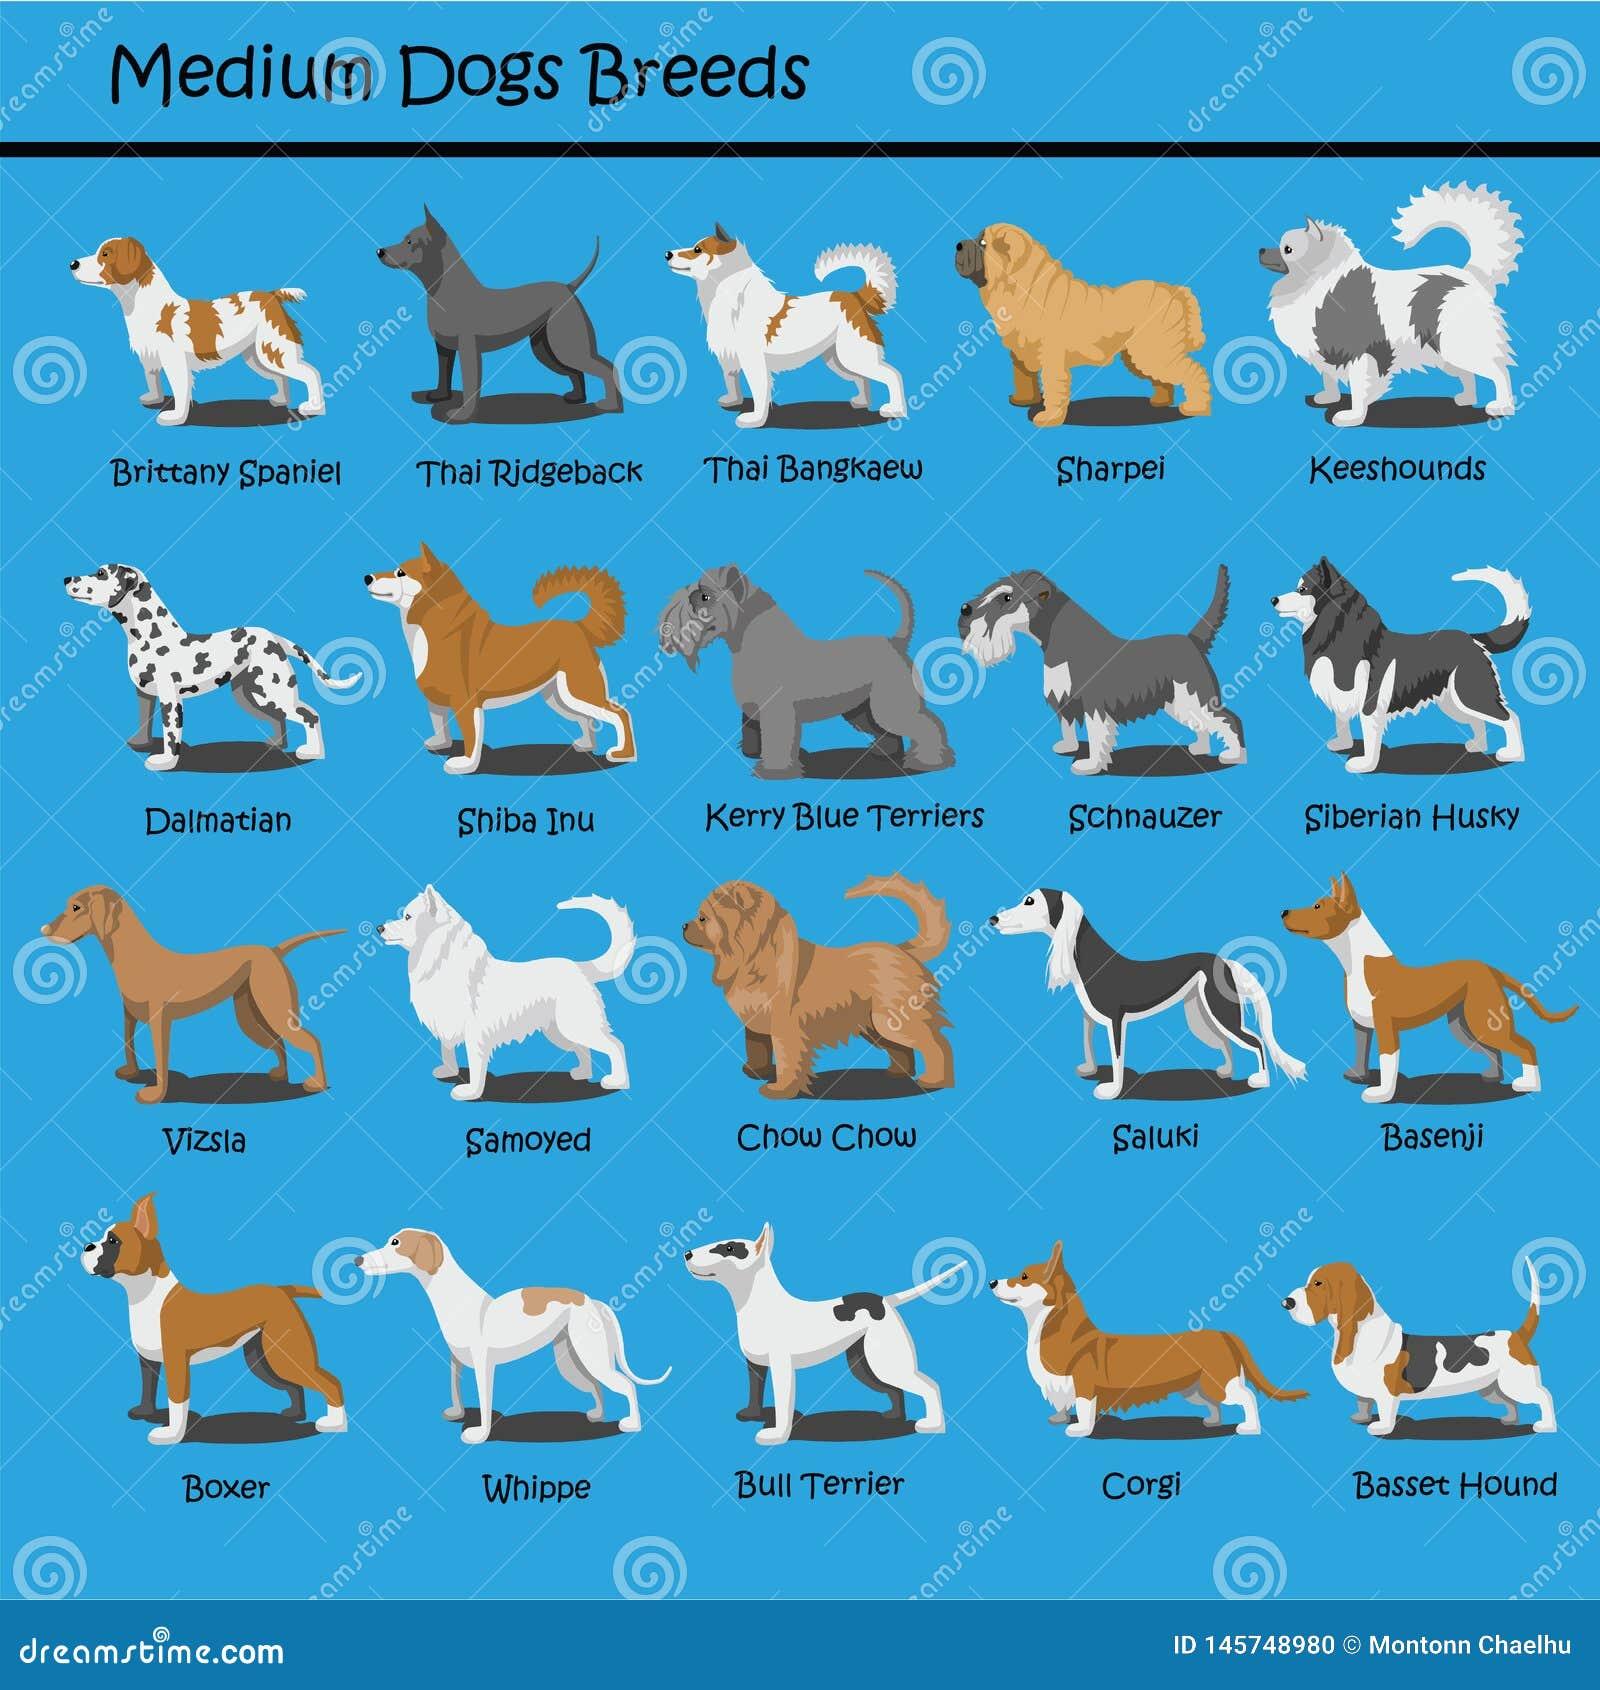 Le chien moyen multiplie le chien les bandes dessinées que mignonnes de chiot de vecteur de conception de bande dessinée conçoive